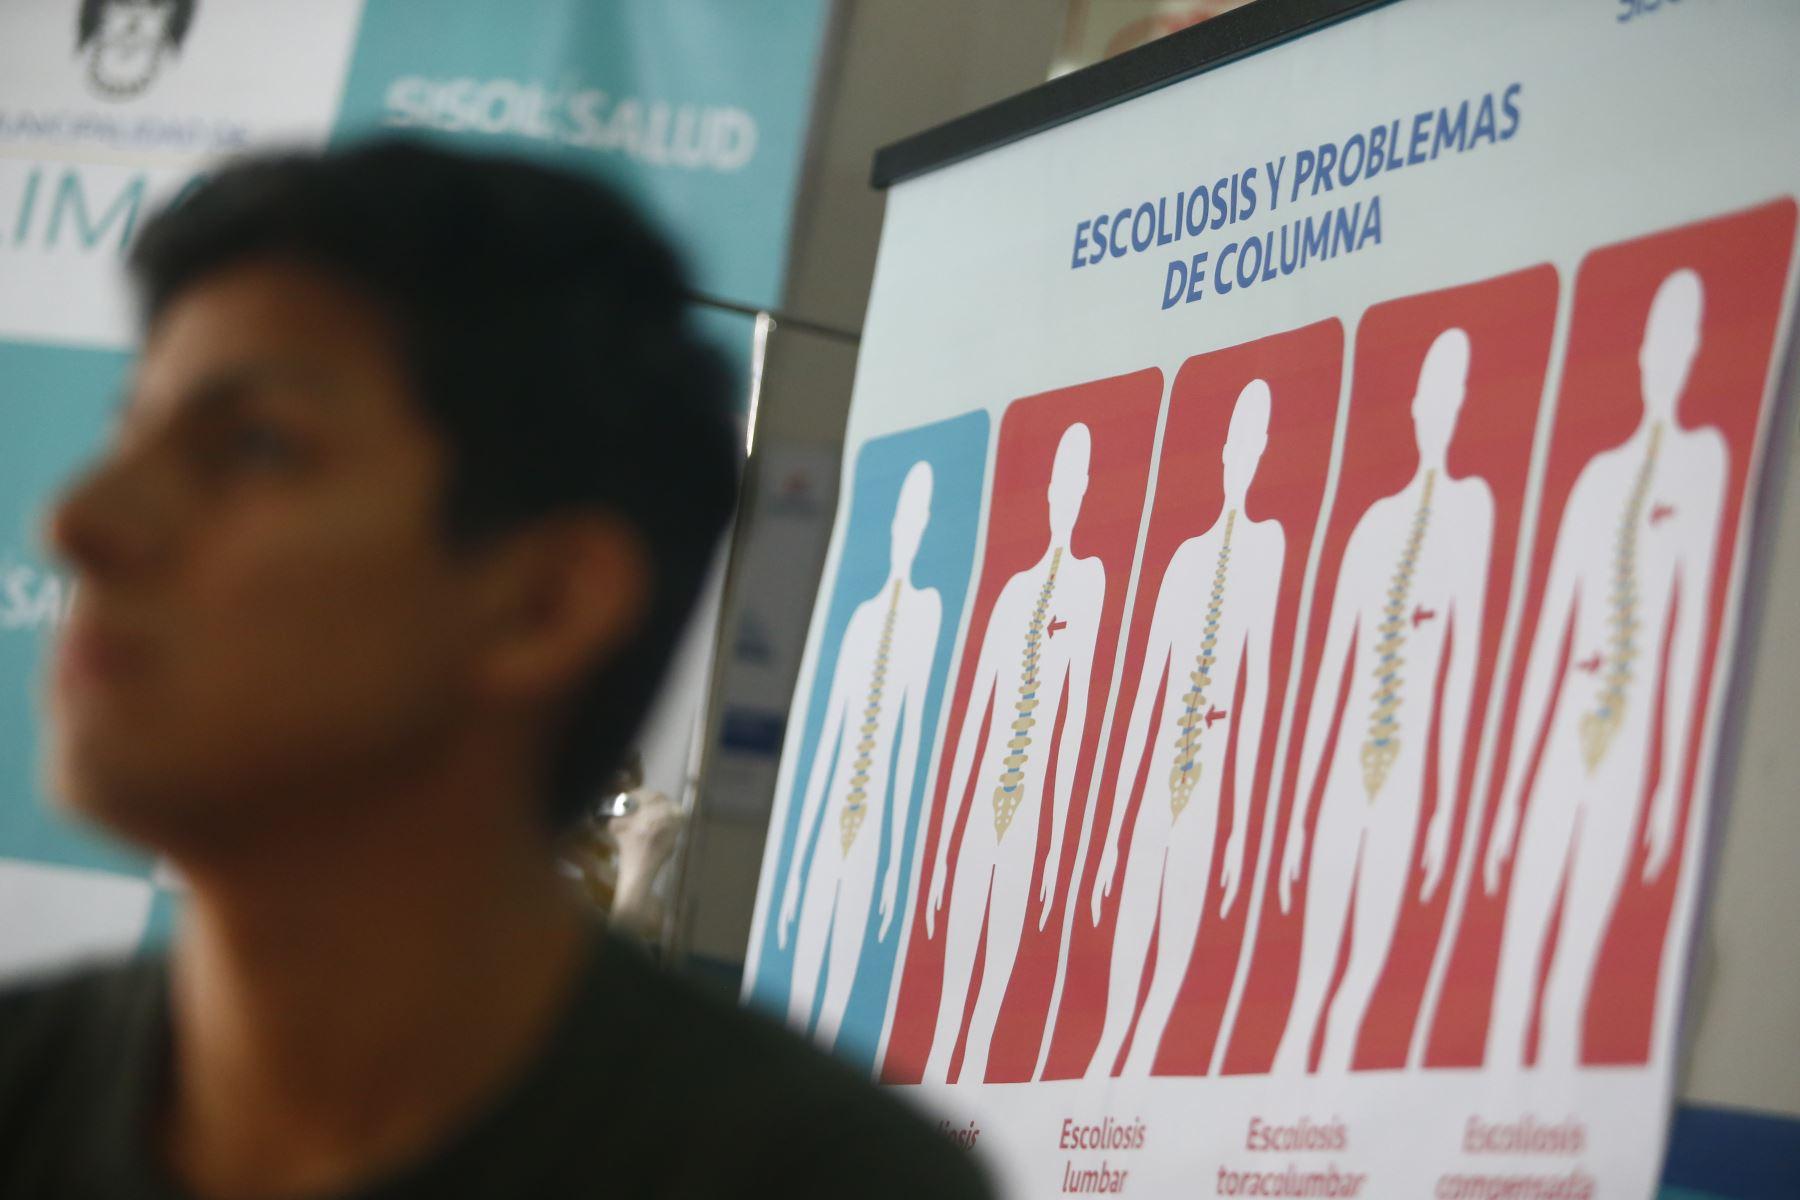 El uso incorrecto de la mochila podría generar escoliosis en los alumnos. Foto: ANDINA/Jhonel Rodríguez Robles